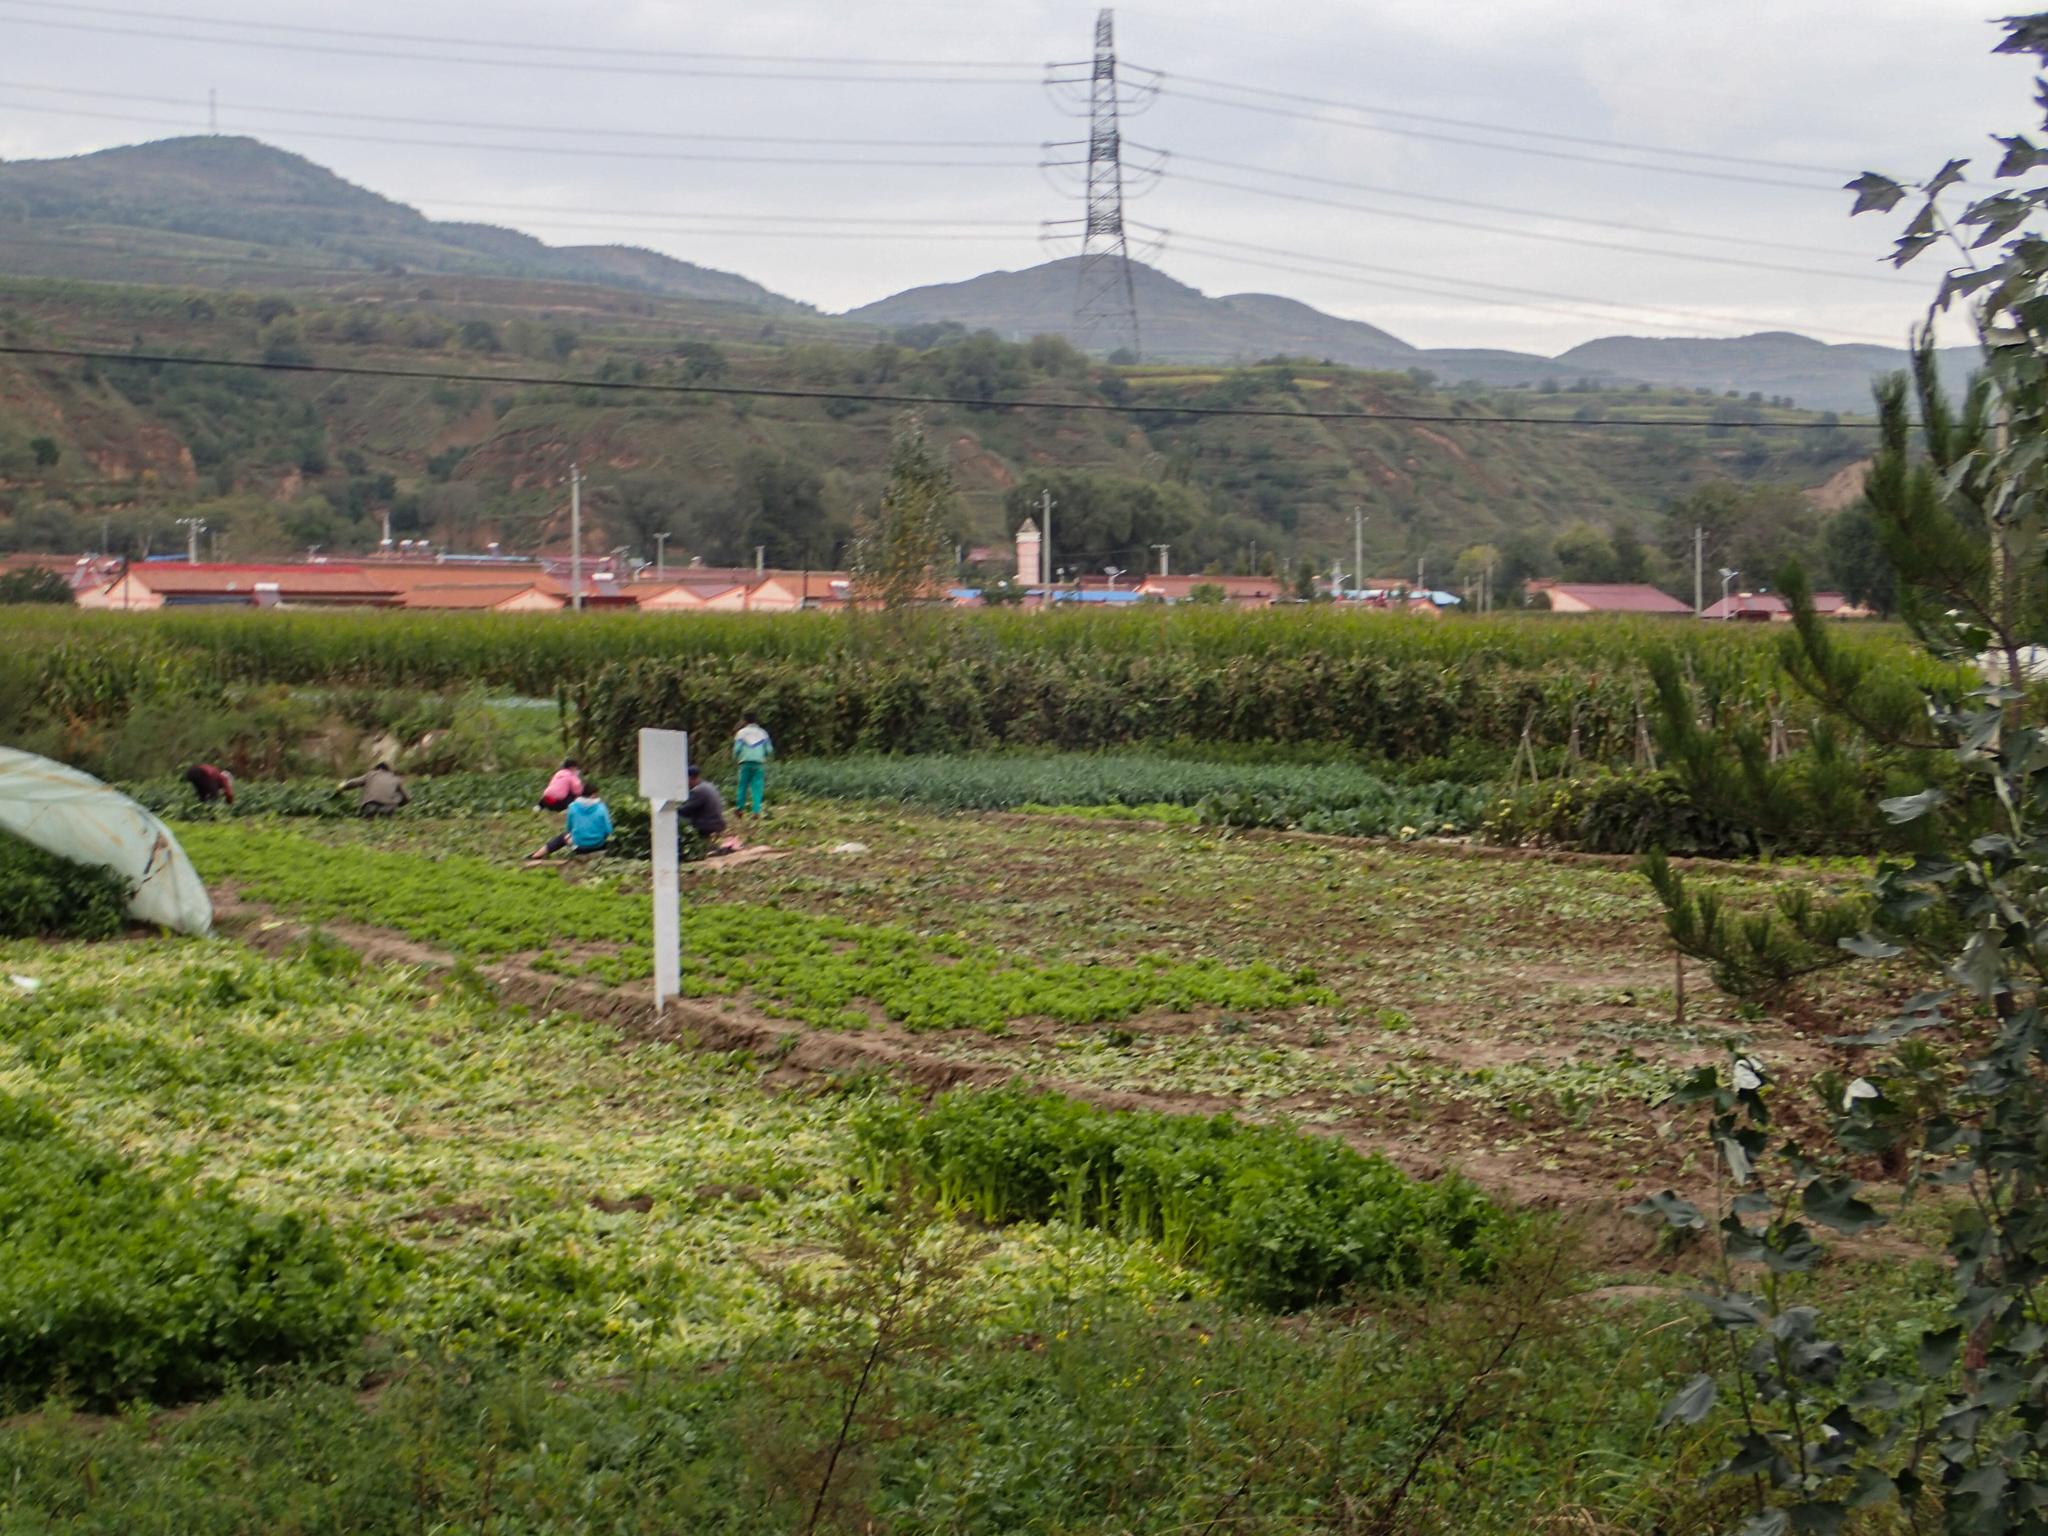 Market gardens